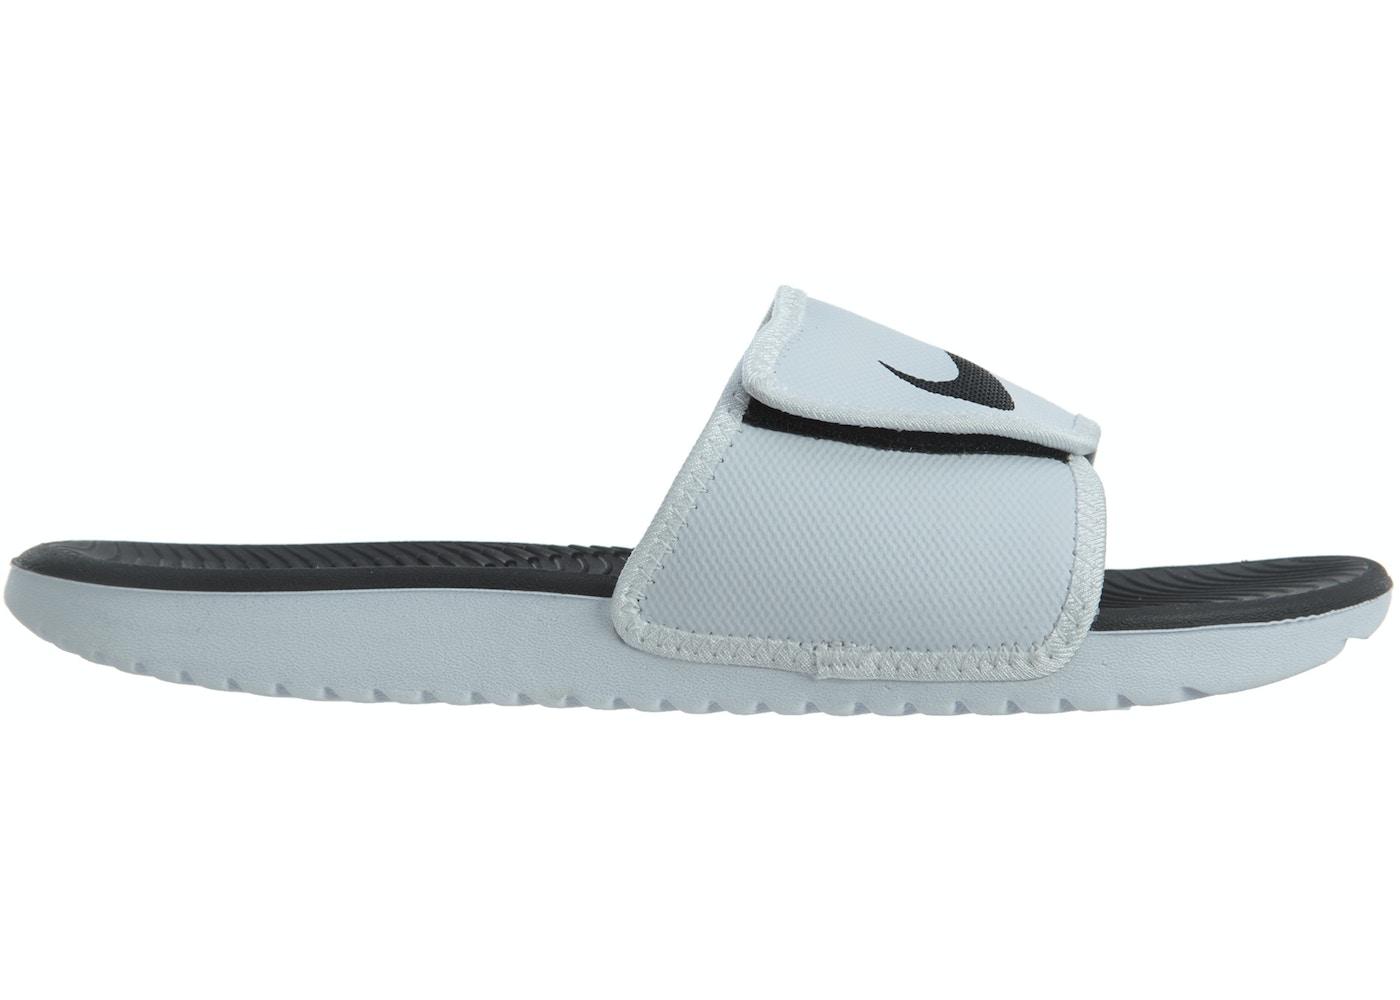 6ee6f162830d Nike Kawa Adjust White Black-White - 834818-101